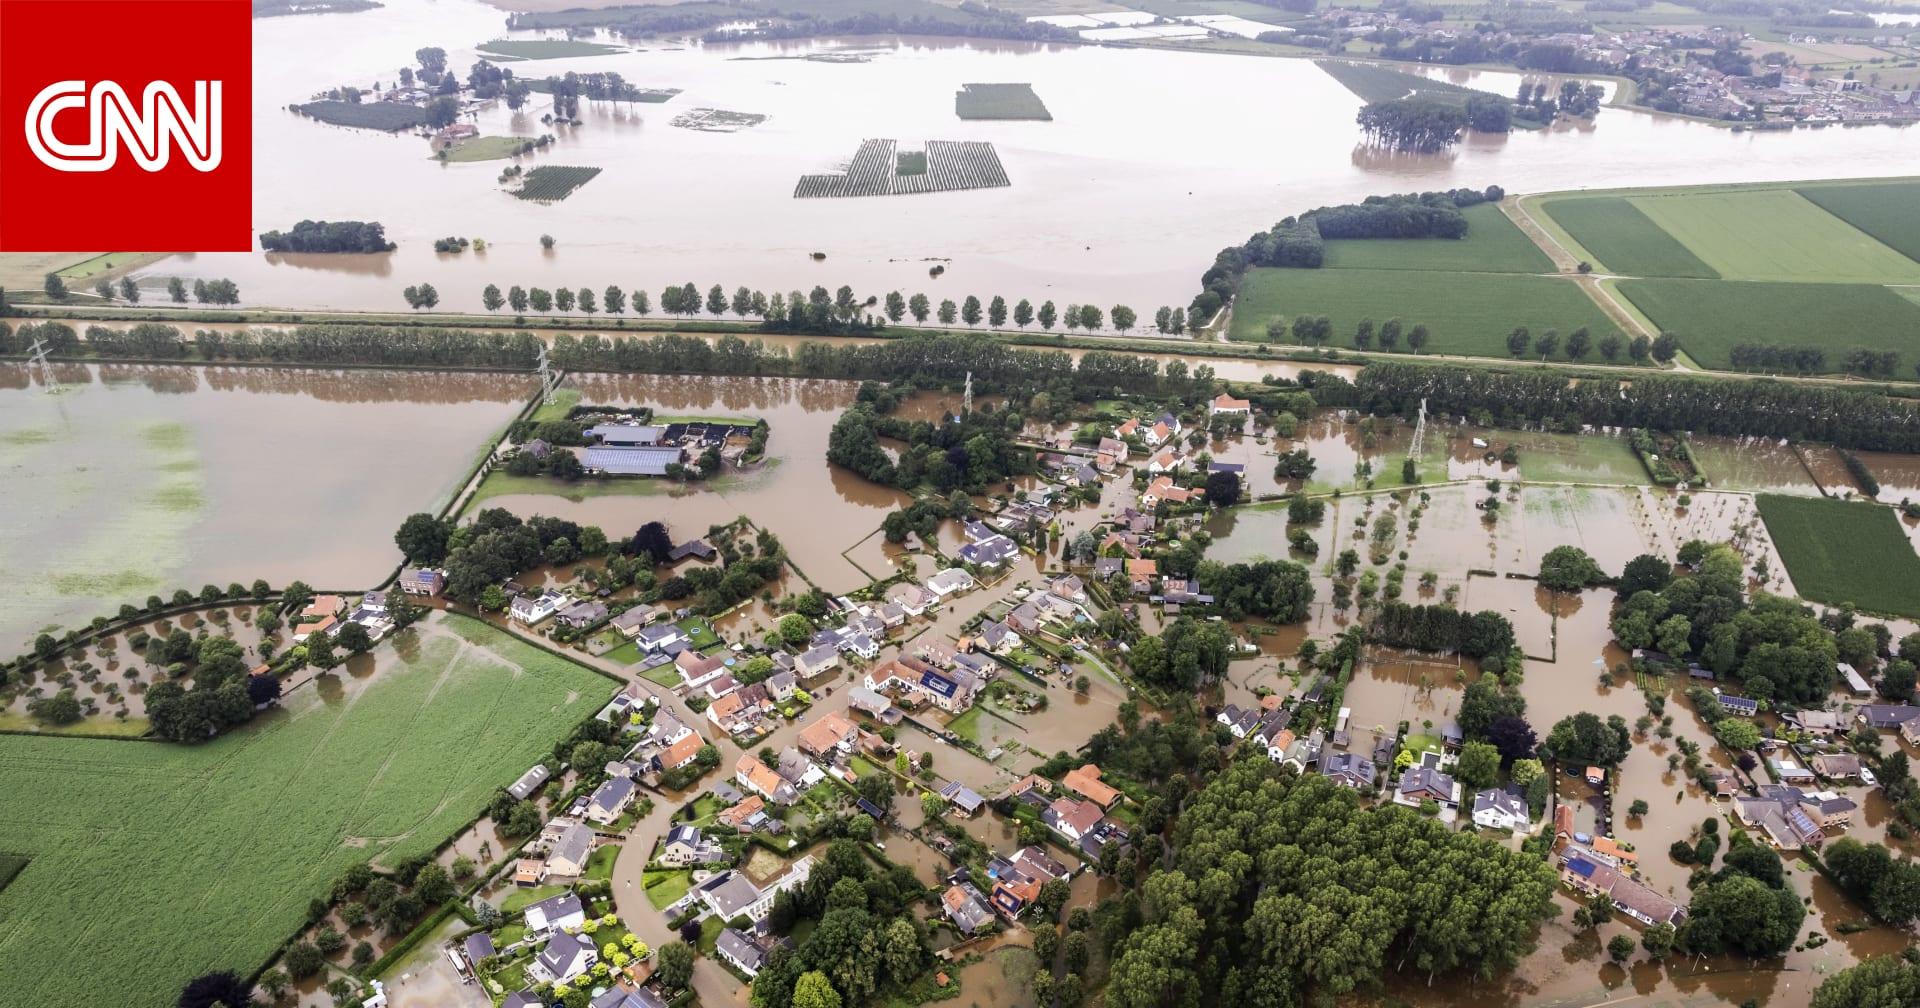 فيضانات أوروبا: ارتفاع حصيلة الضحايا إلى 160 منهم 27 في بلجيكا